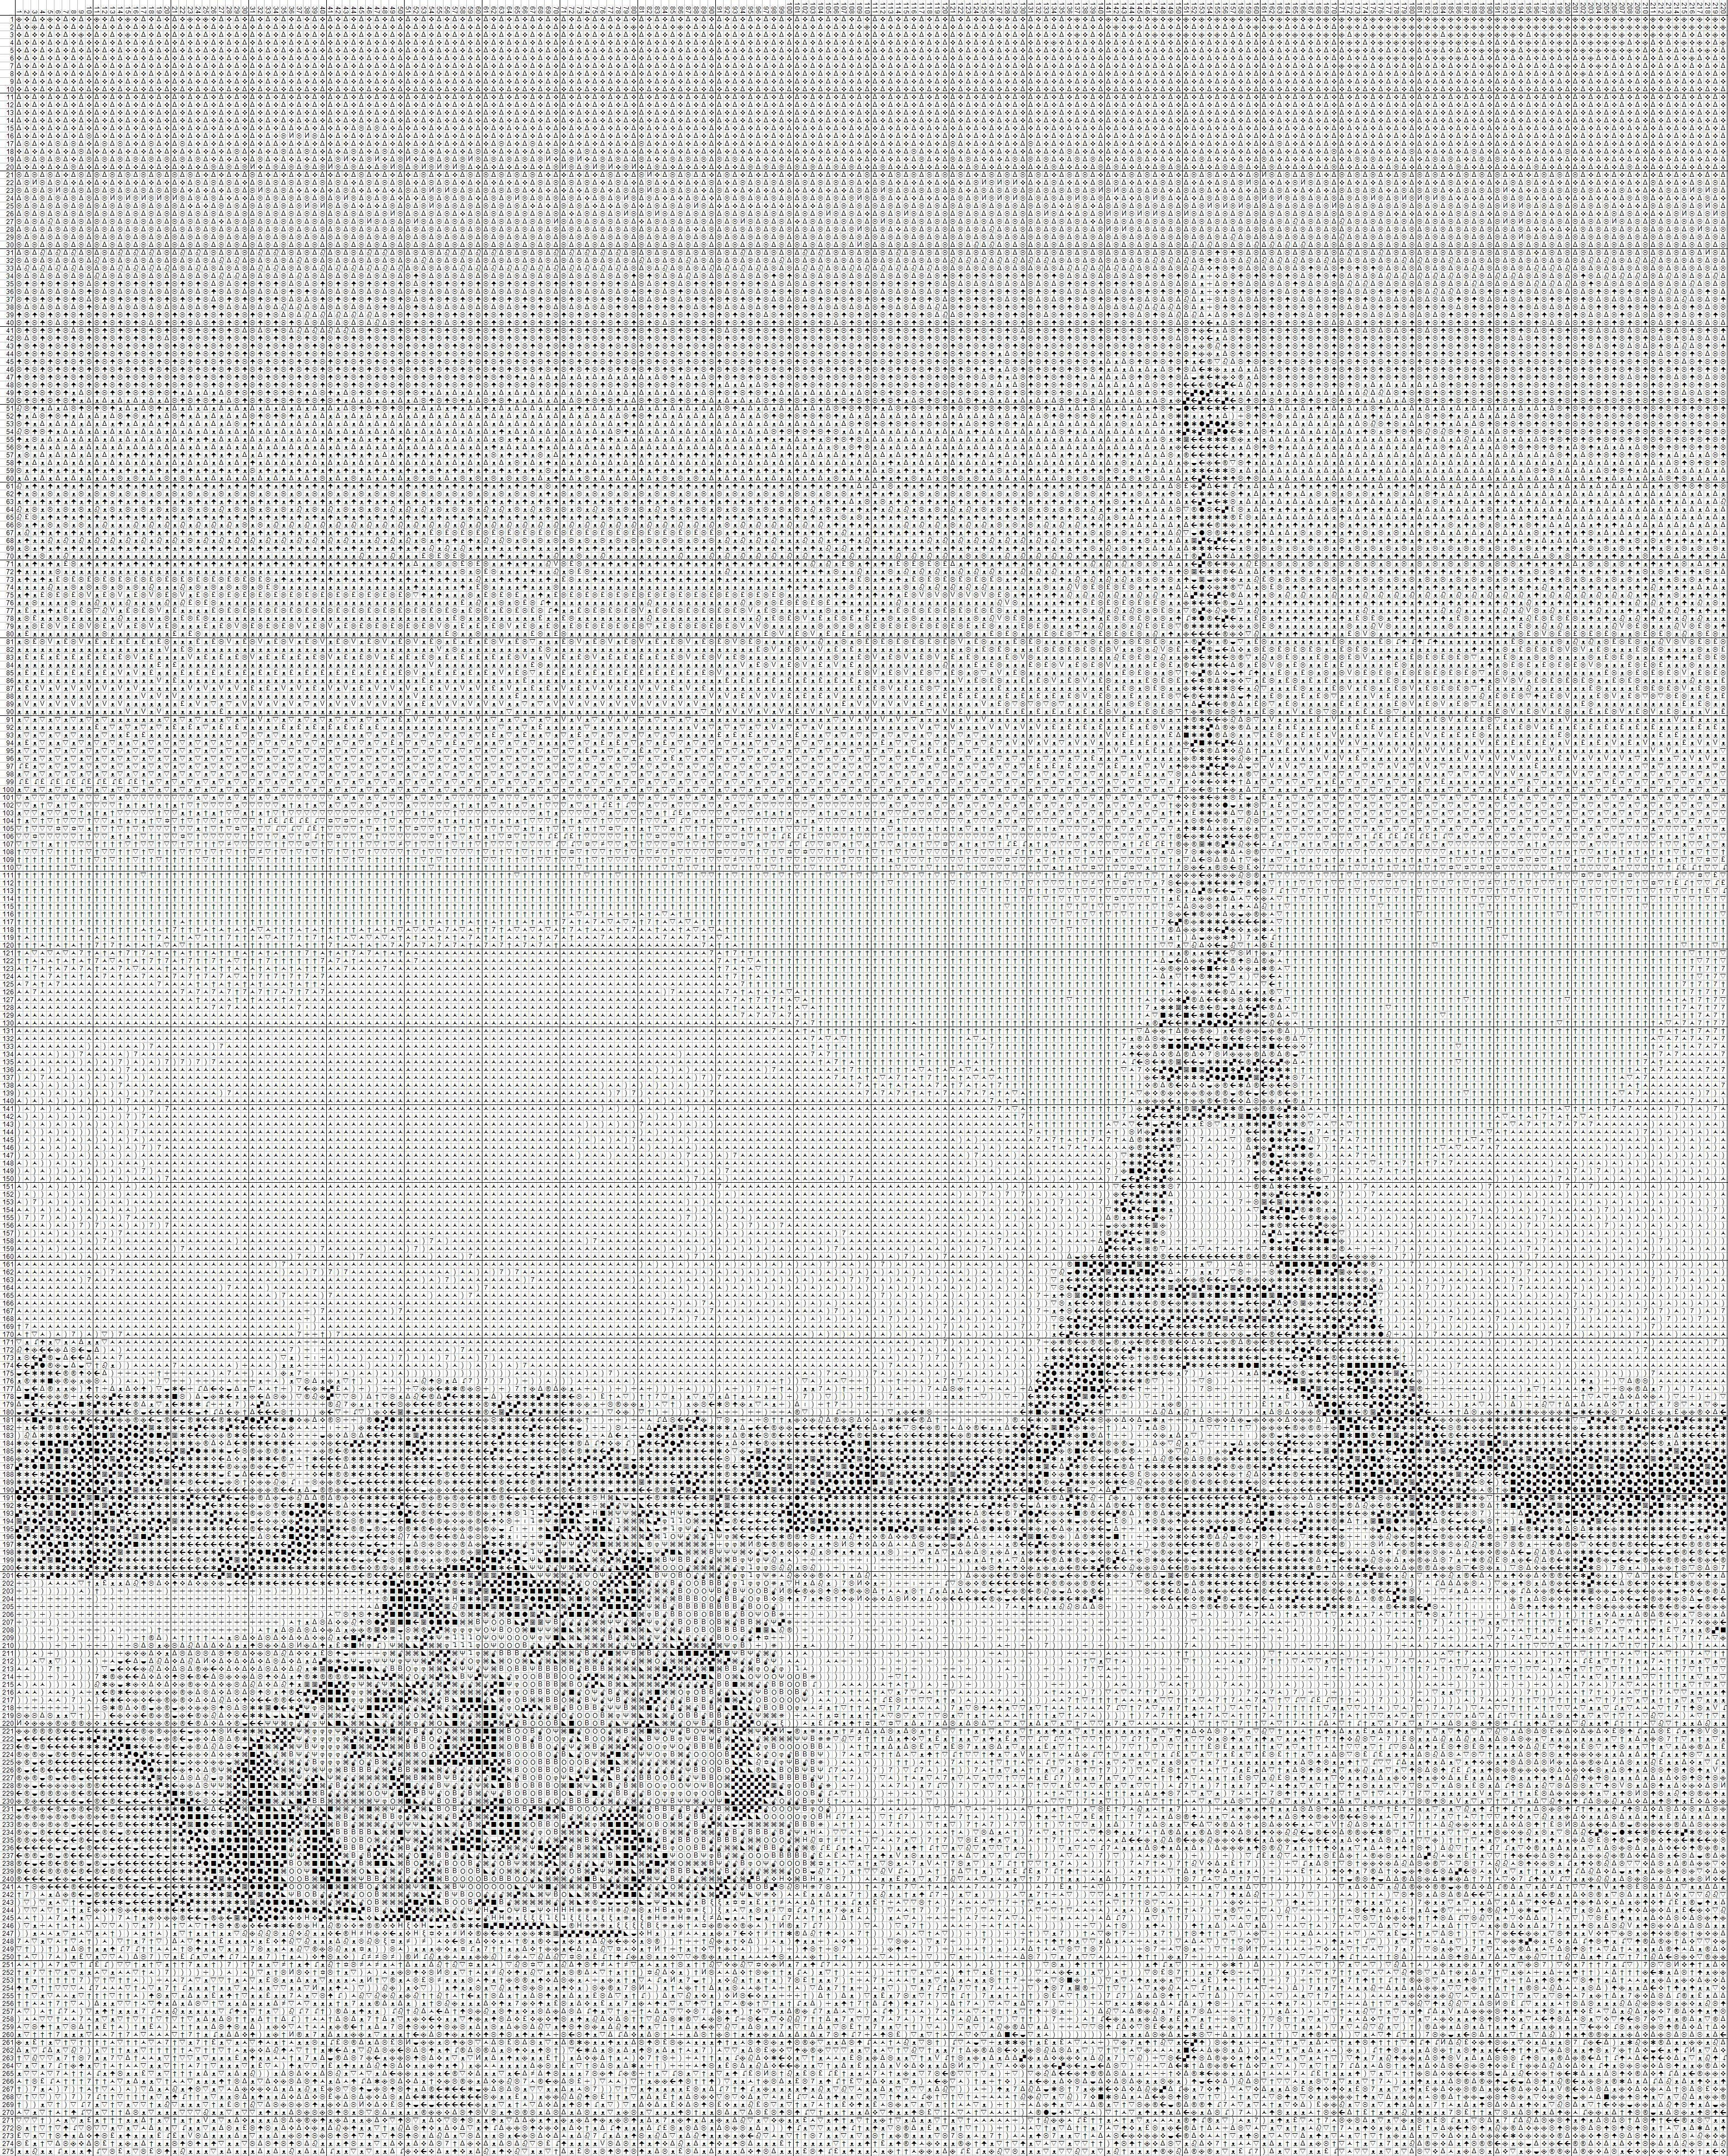 схема вышивки крестом эльфовой башни